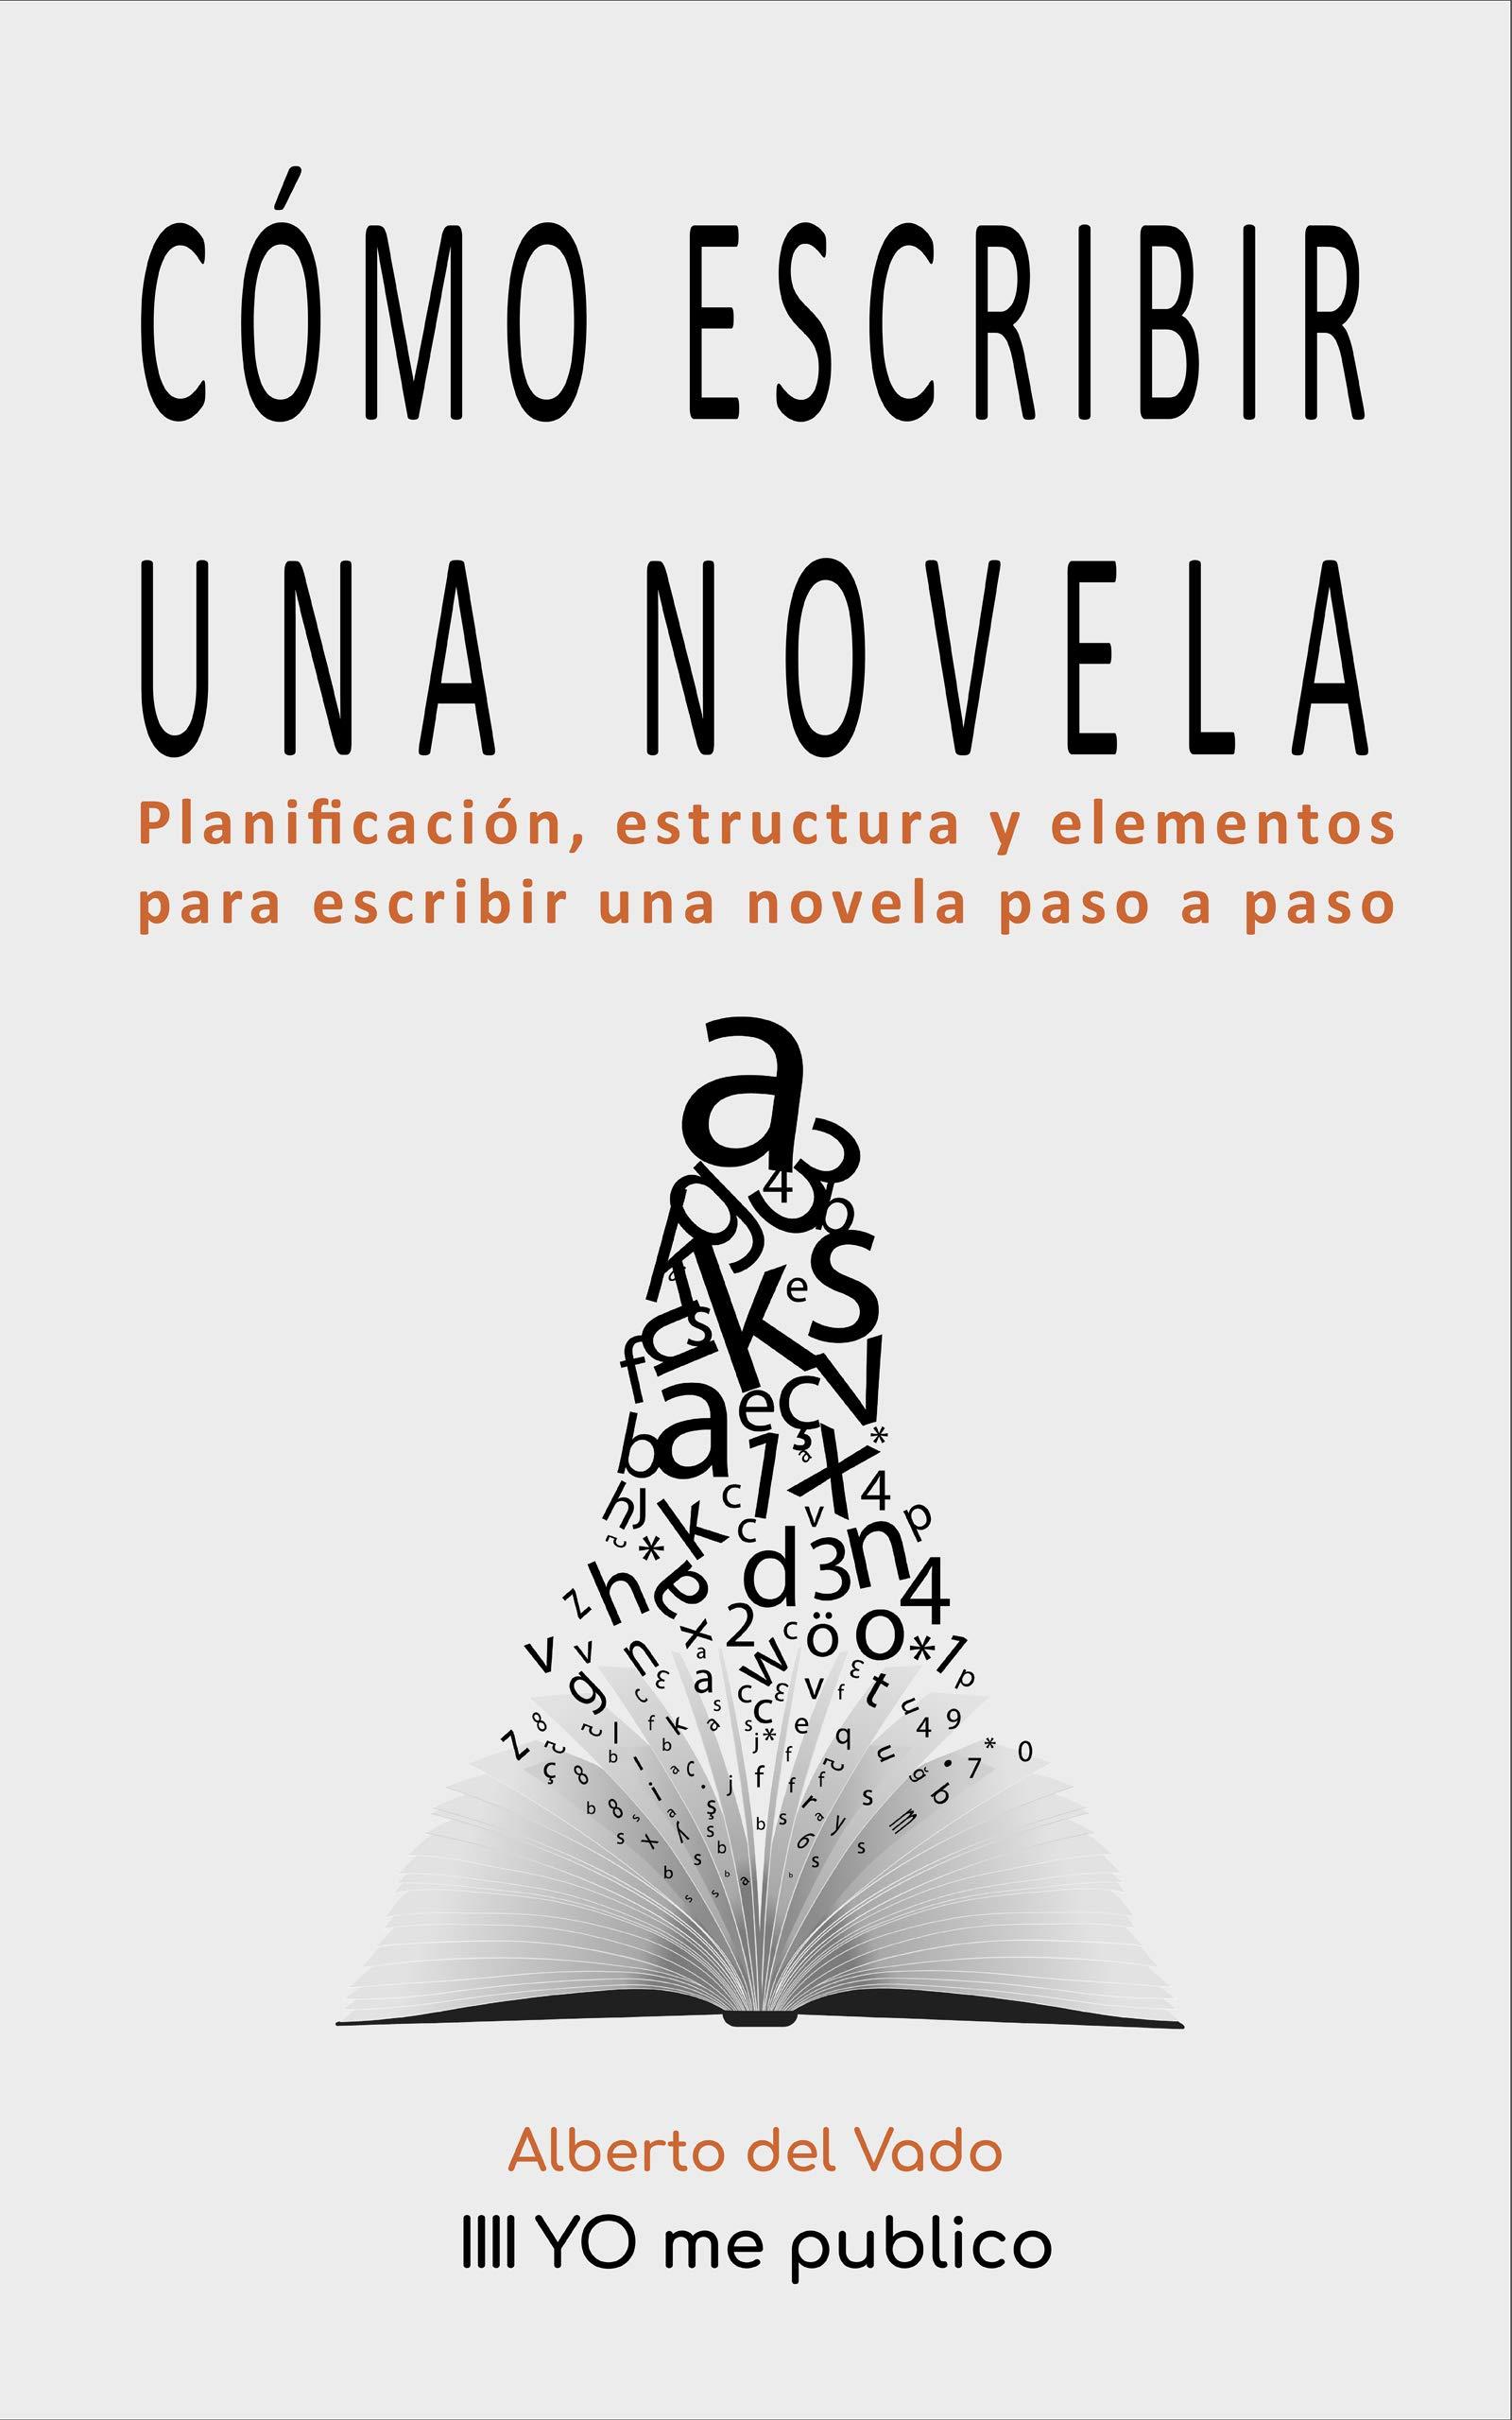 CÓMO ESCRIBIR UNA NOVELA: Planificación, estructura y elementos para escribir una novela paso a paso (Yo me publico nº 1)